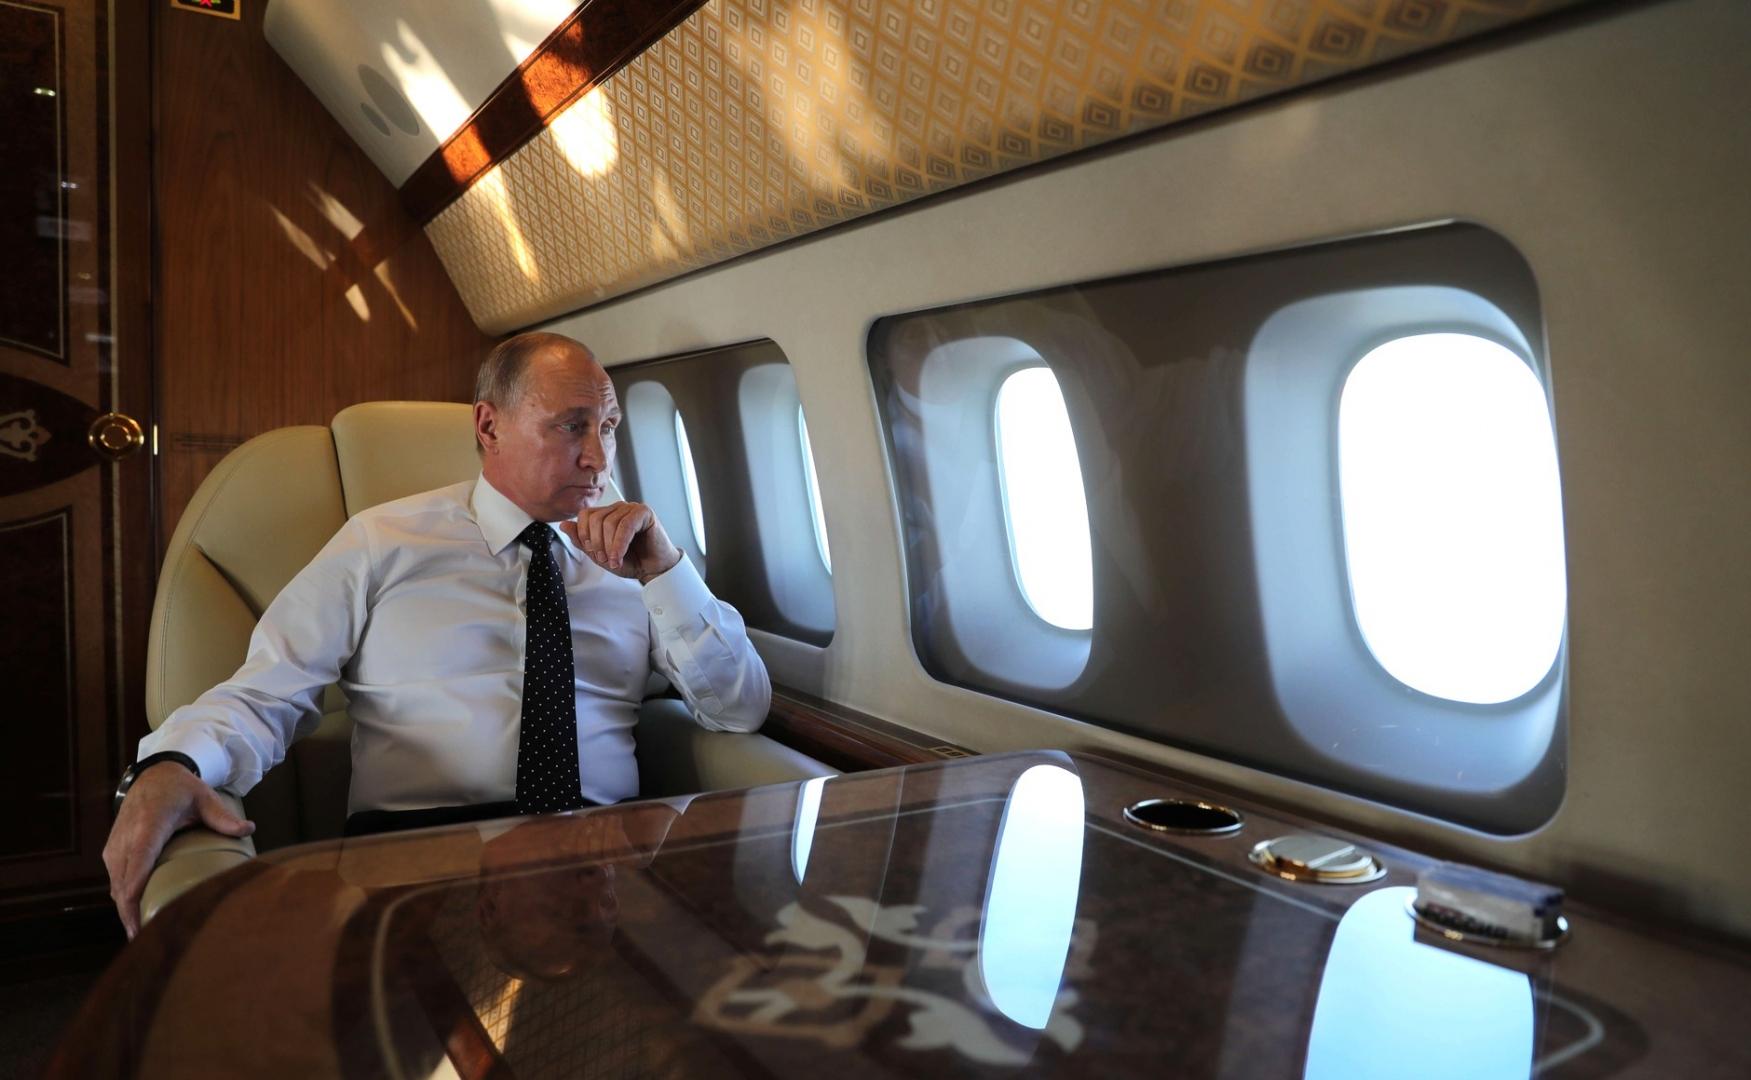 Госдума расширяет гарантии экс-президенту РФ и уточняет лишение полномочий